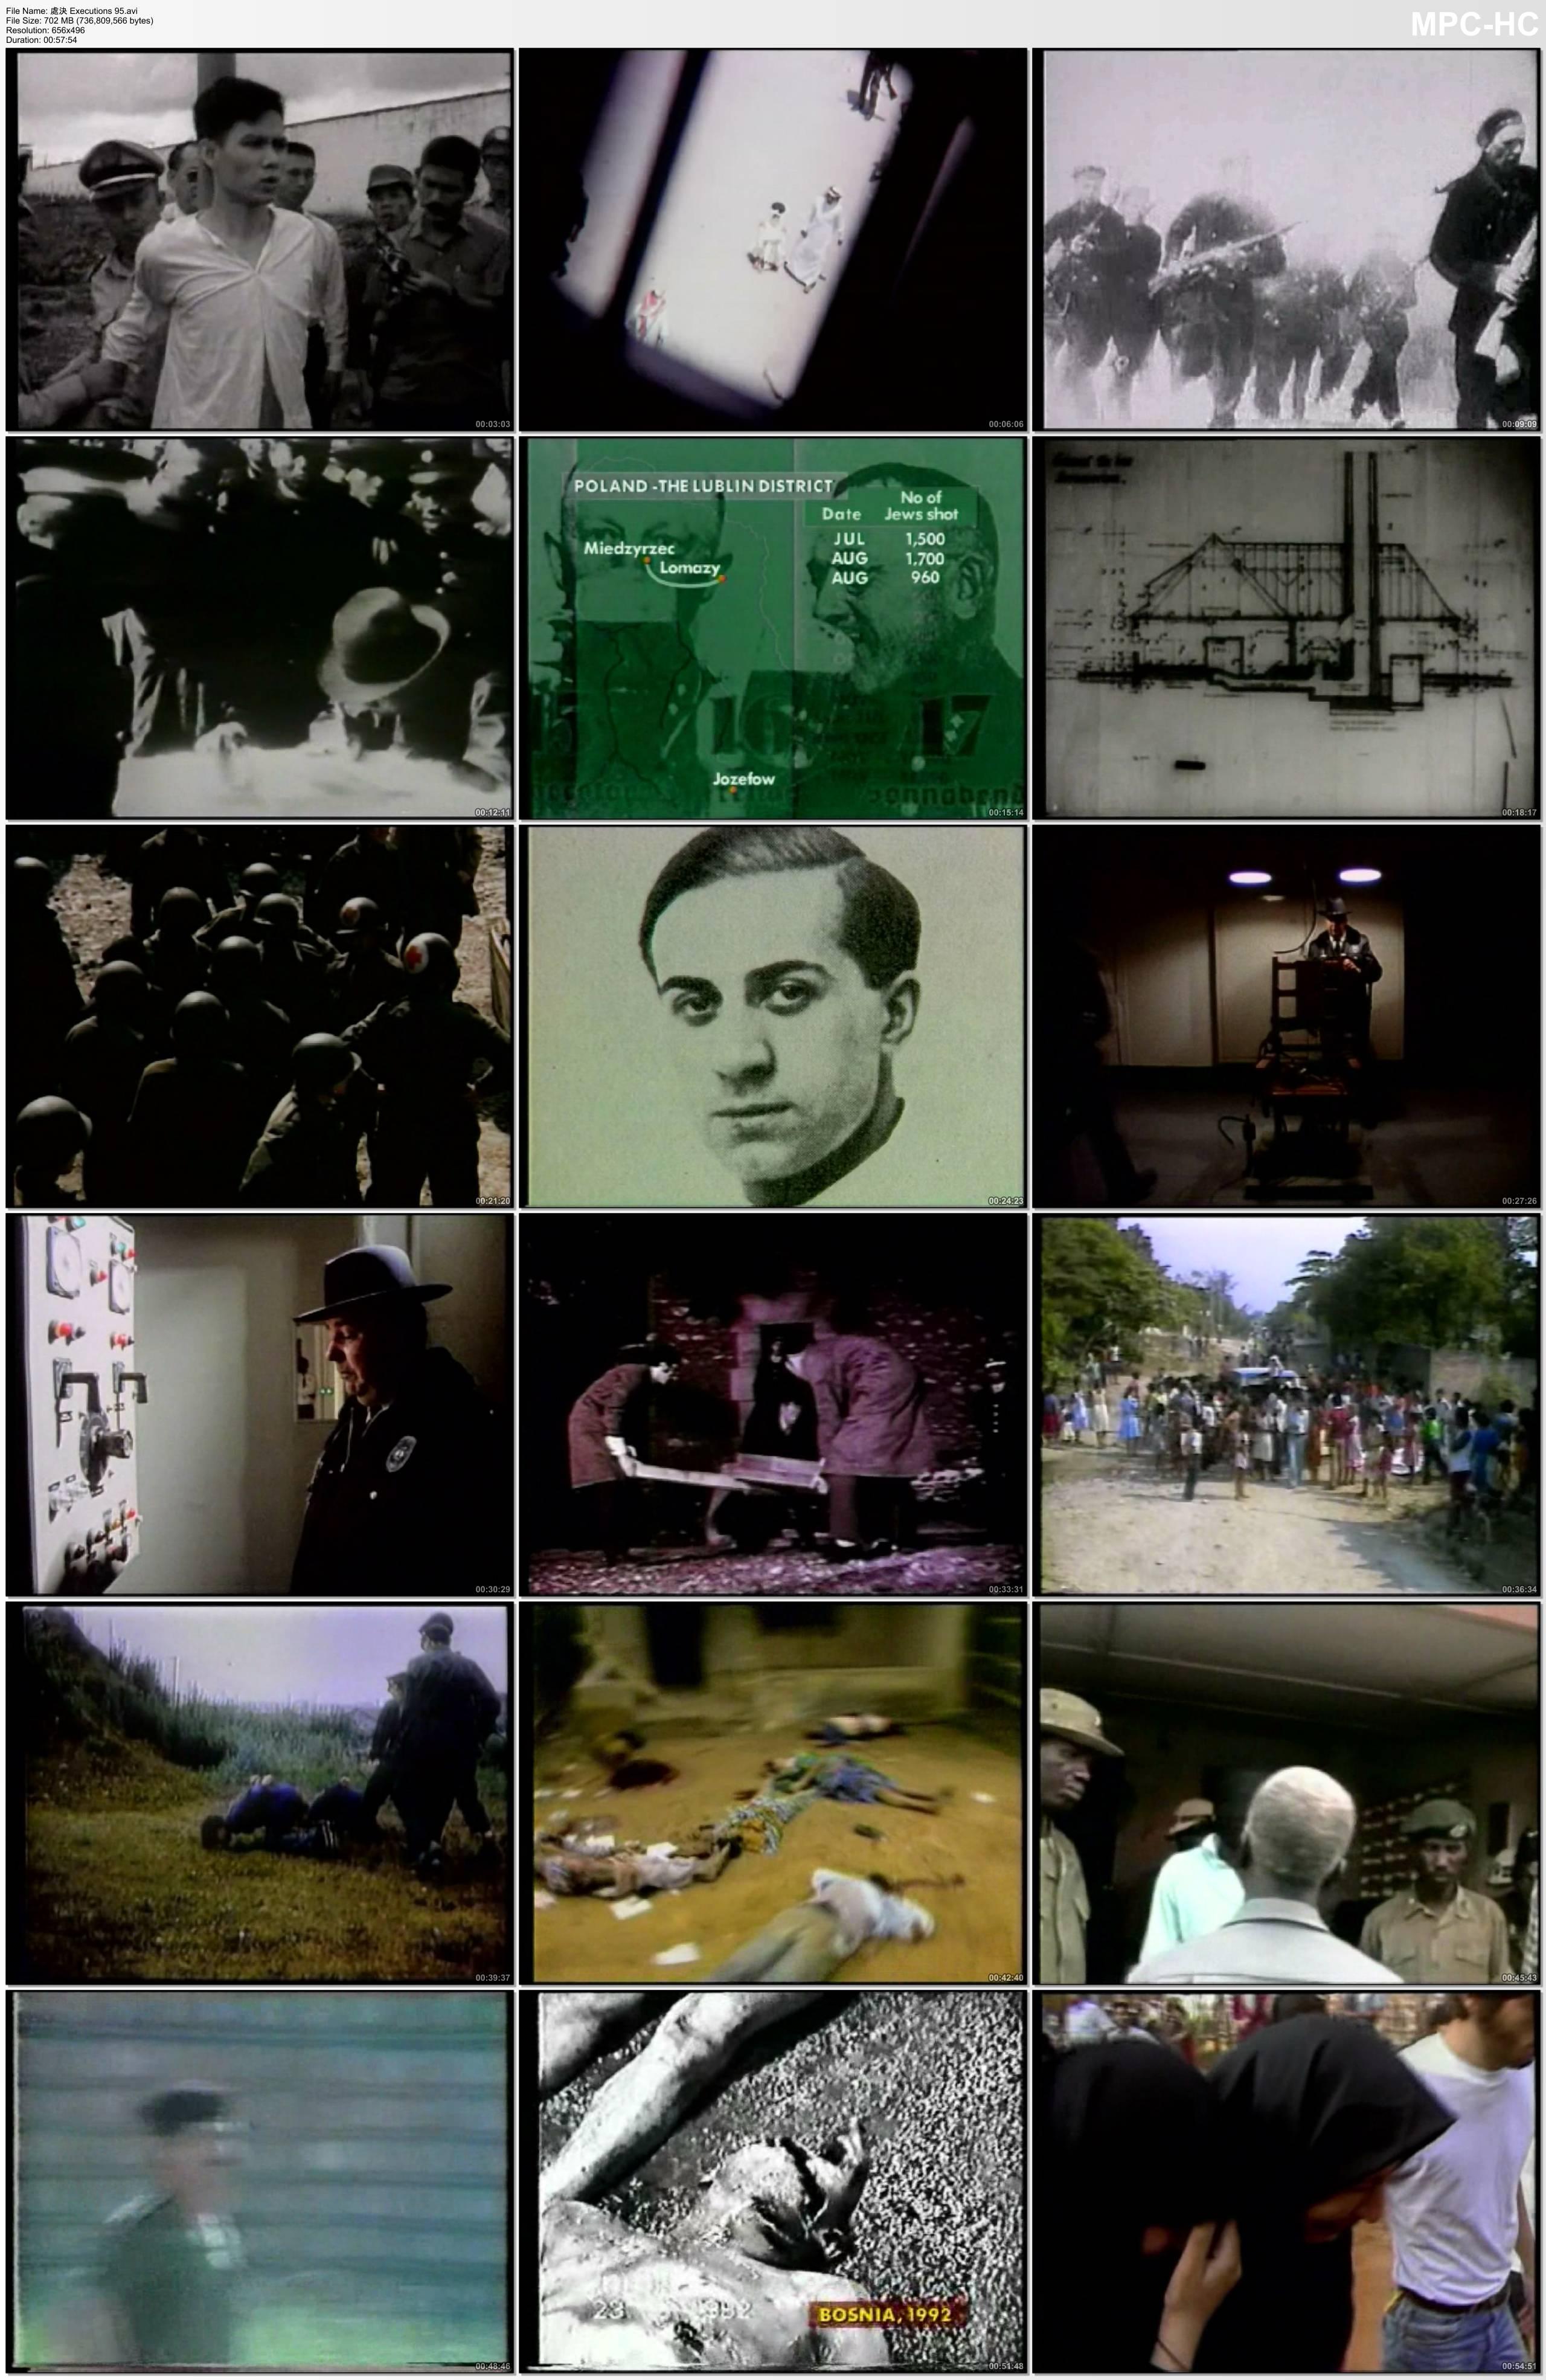 紀錄片《處決/執行/處刑 Executions》驚爆你的眼球DVD英語無字